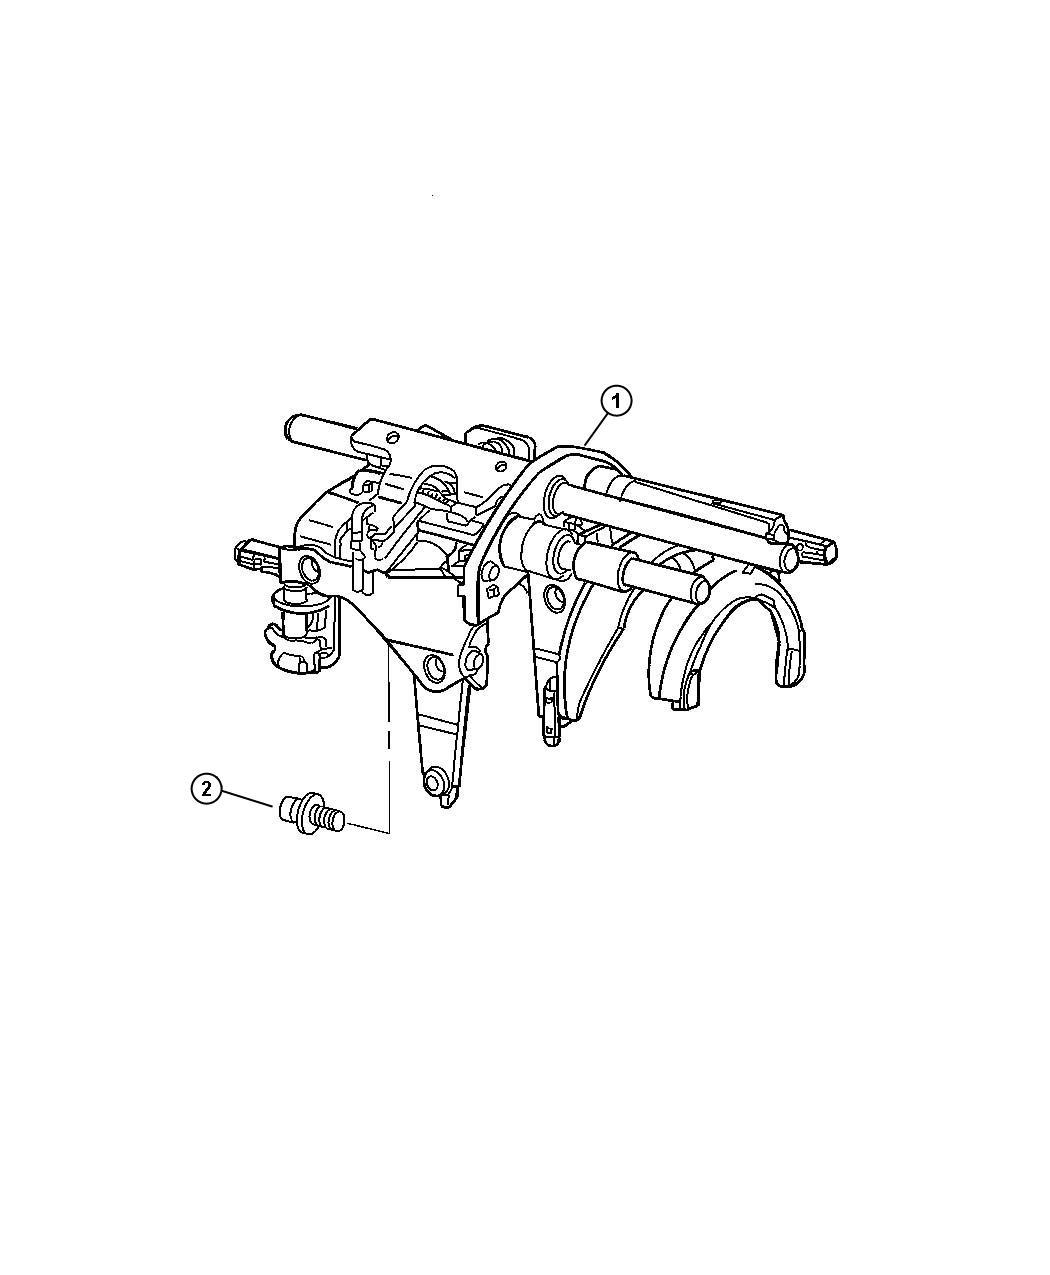 Chrysler Crossfire Fork. Transmission. Rails, forks